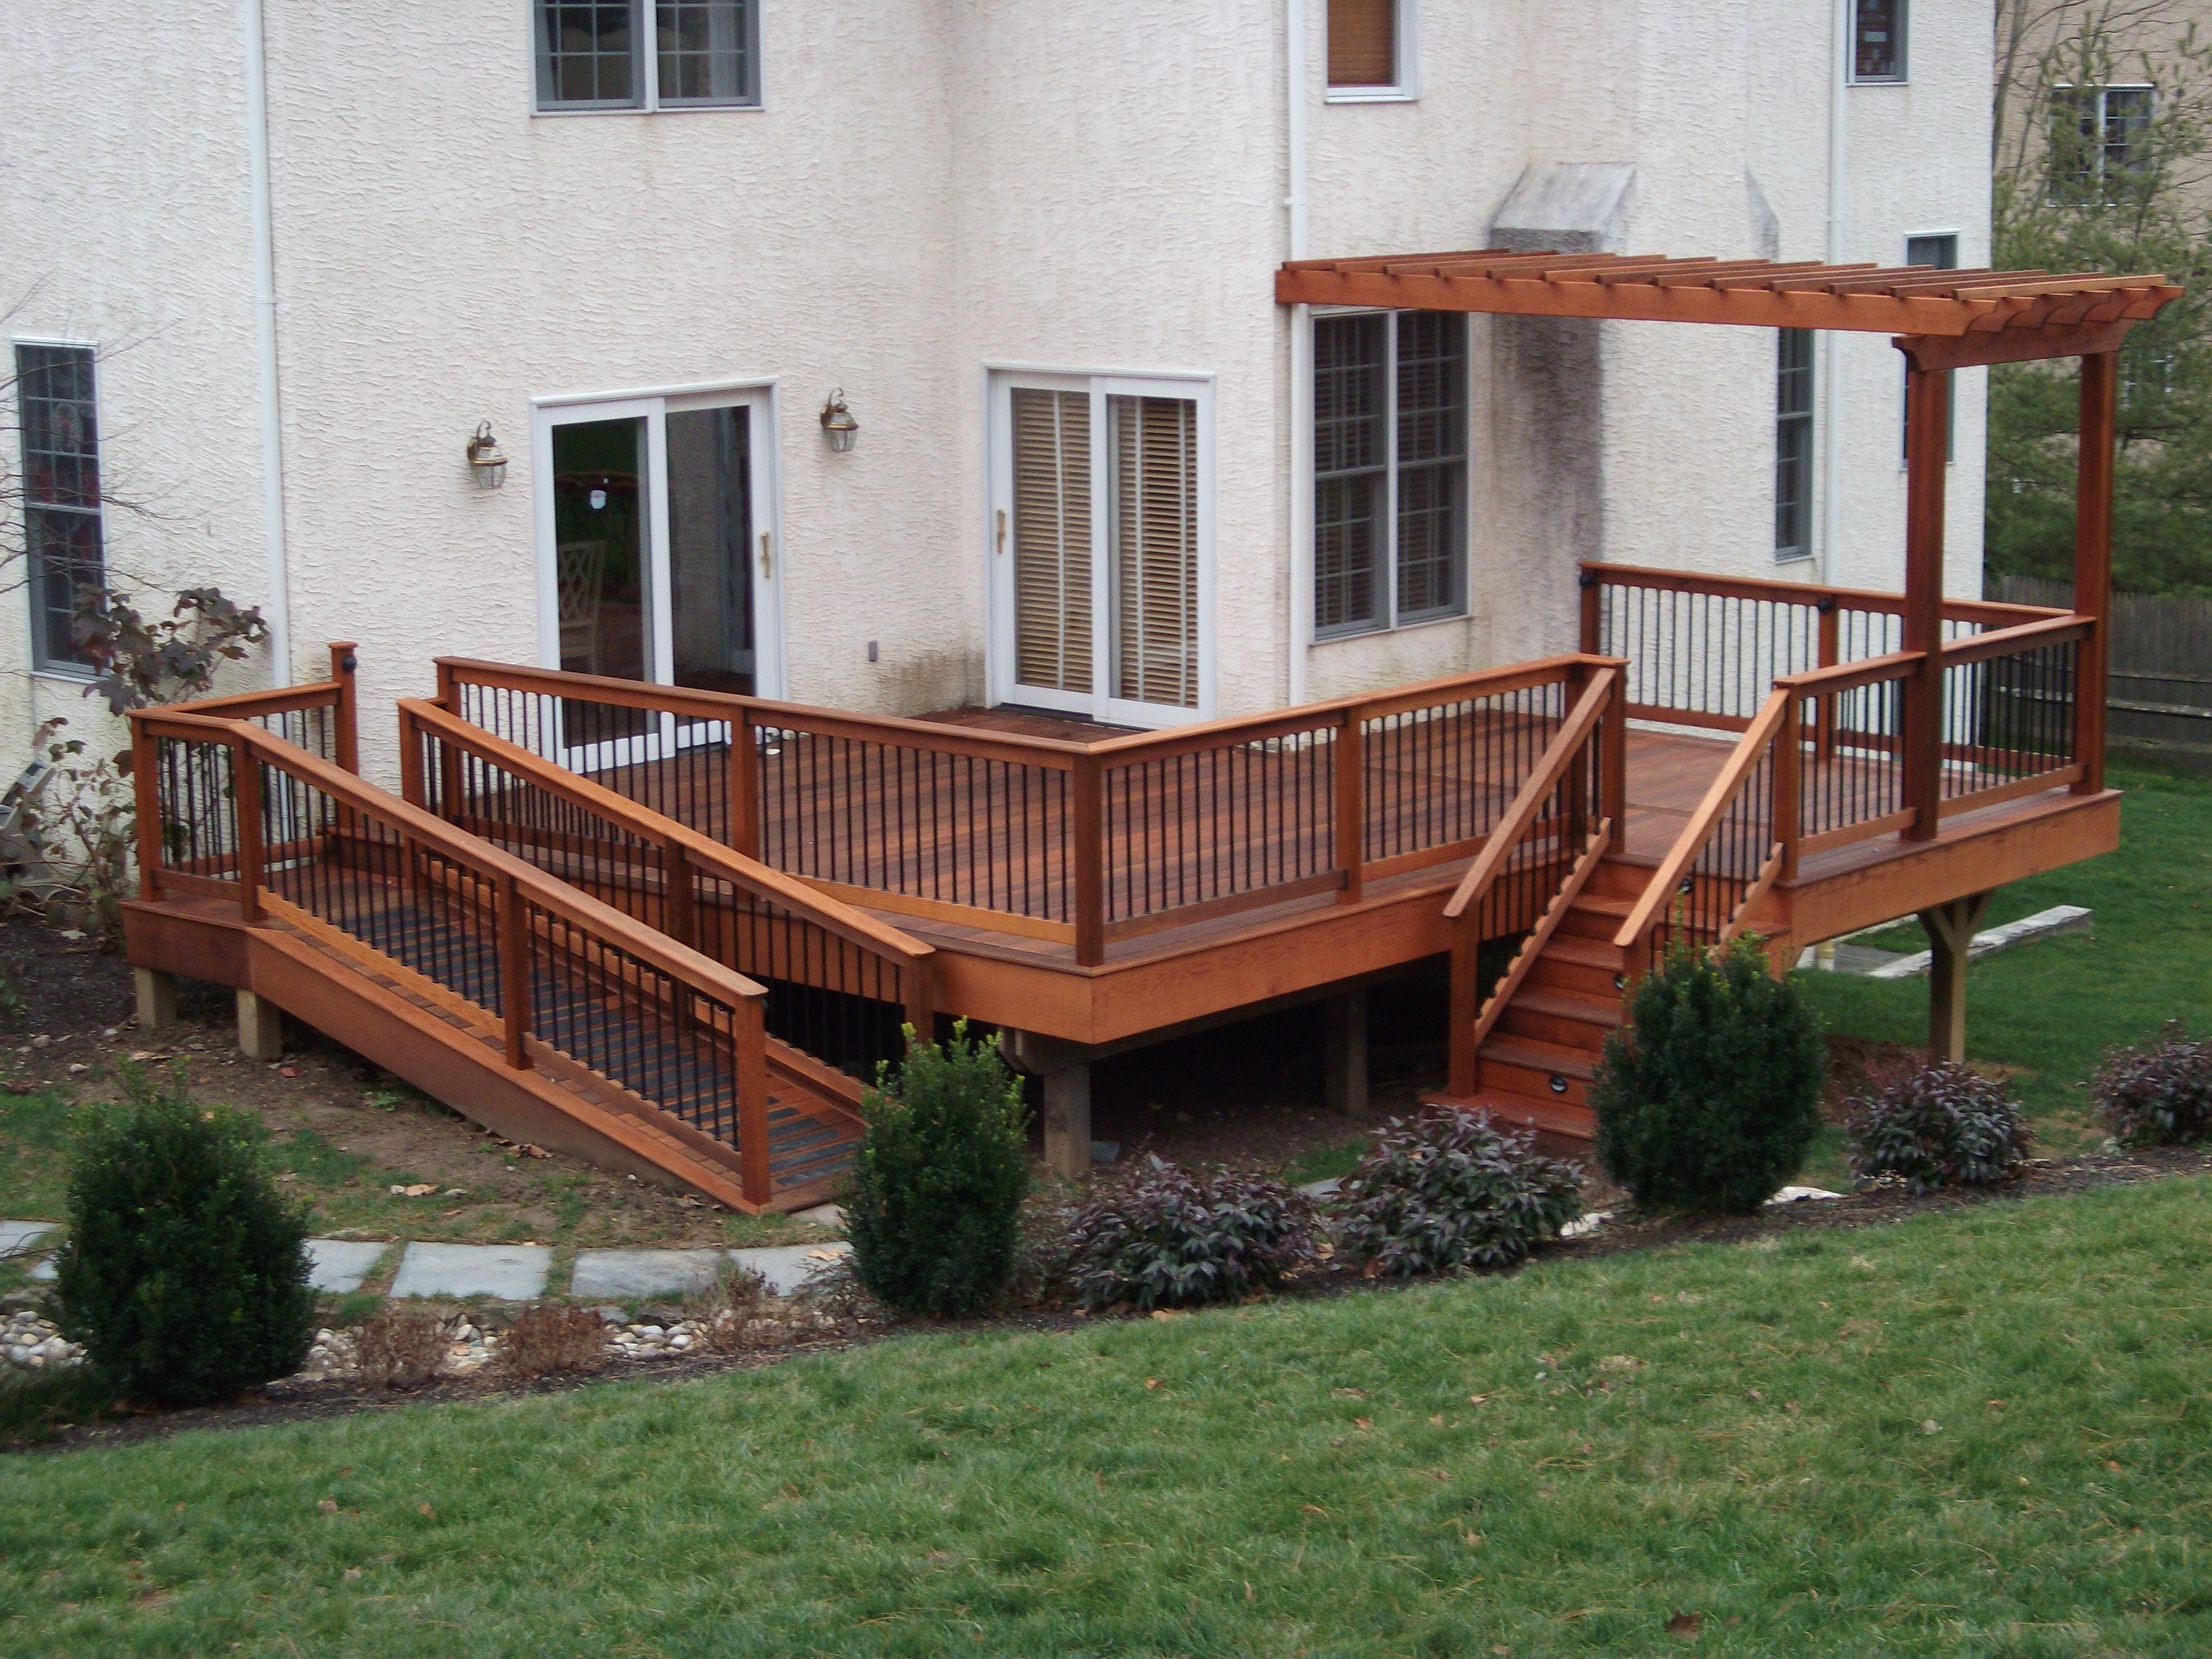 Low lying handicap accessible deck! | Decks-R-Us:Our Decks ...